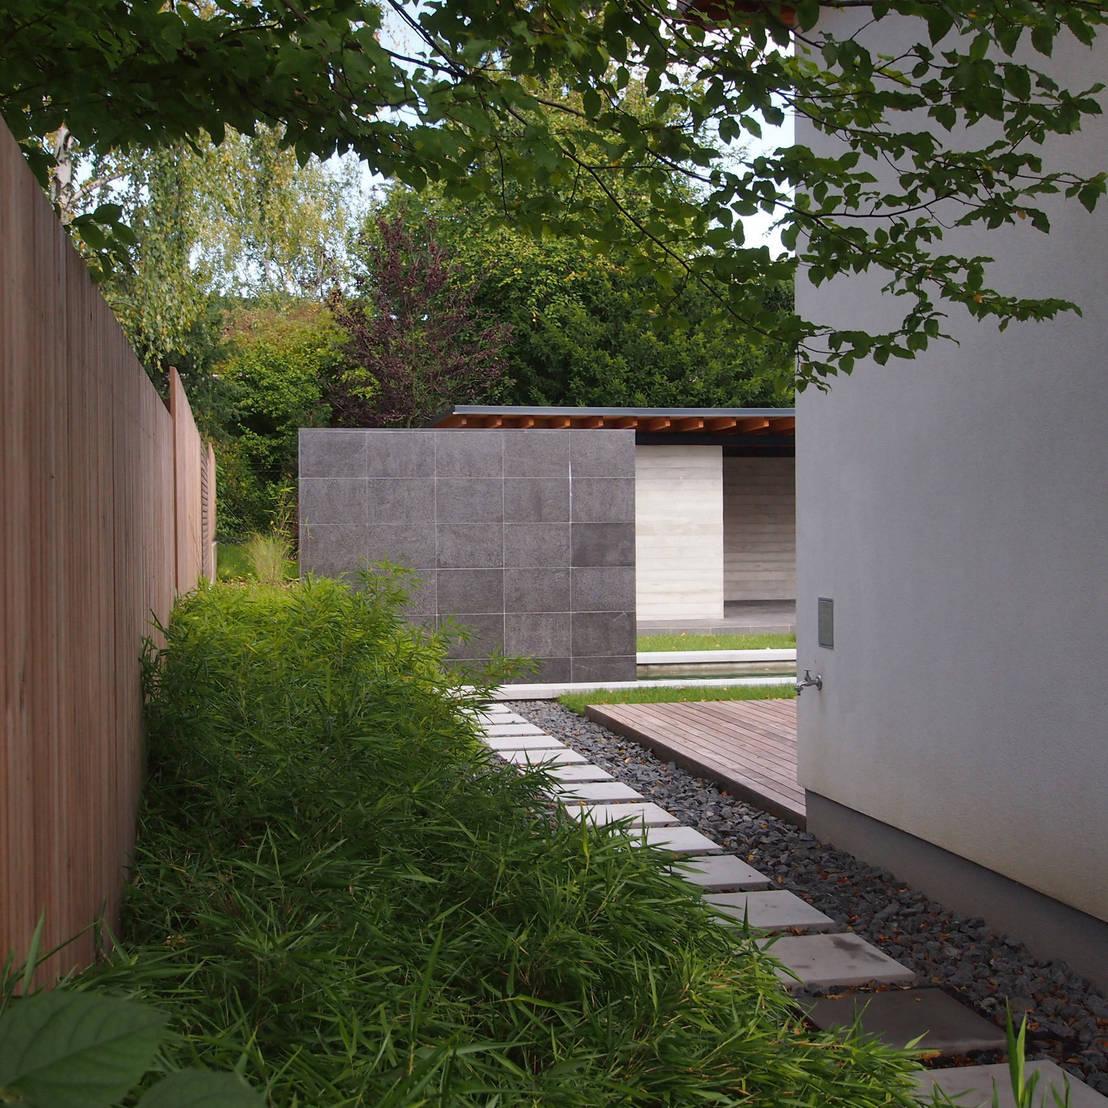 Gartengestaltung wien 1140 di peter balogh architekt for Gartengestaltung wien